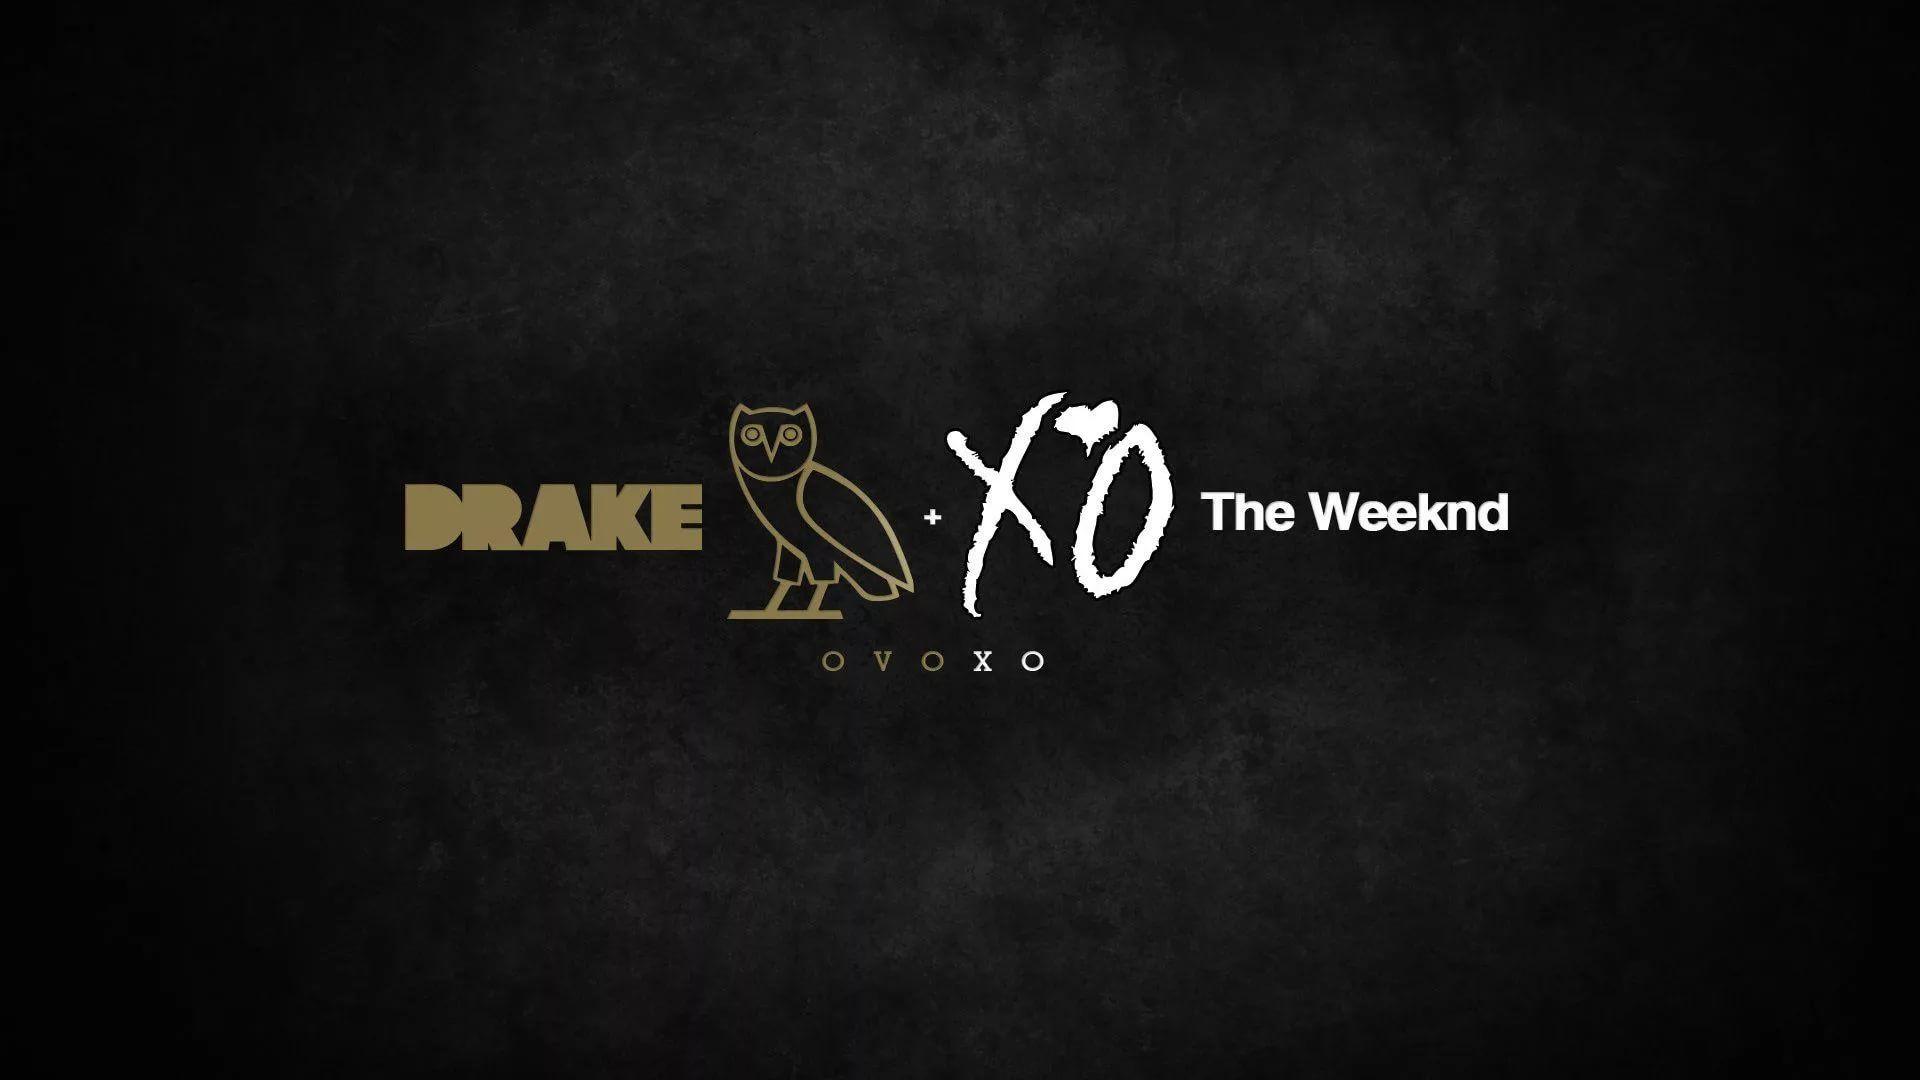 Drake Ovo desktop wallpaper